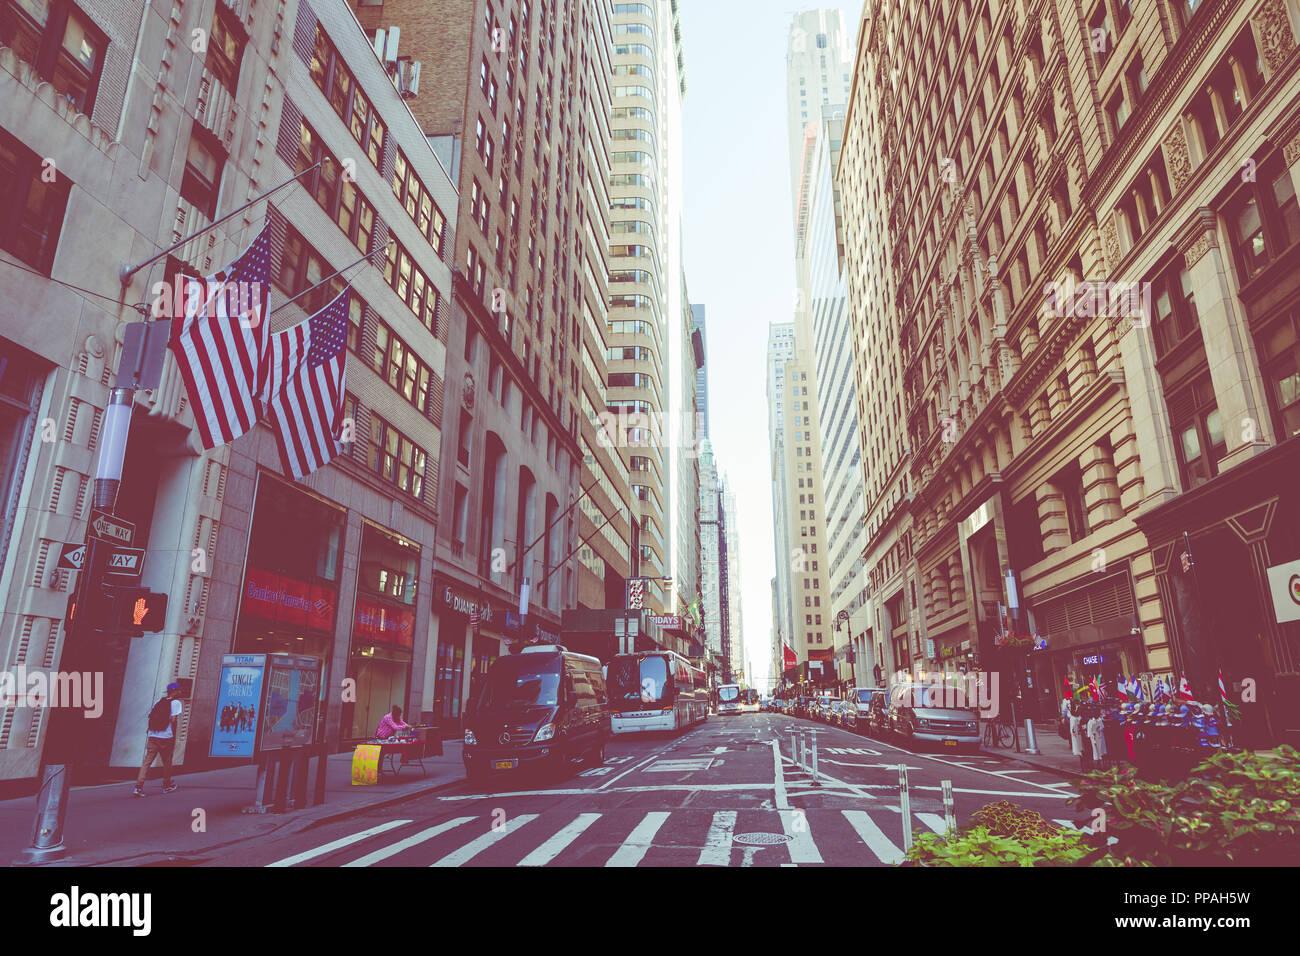 NEW YORK - September 2, 2018: New York City Straße Straße in Manhattan am Sommer, viele Autos, gelbe Taxis und beschäftigt Menschen gehen zu arbeiten. Stockfoto